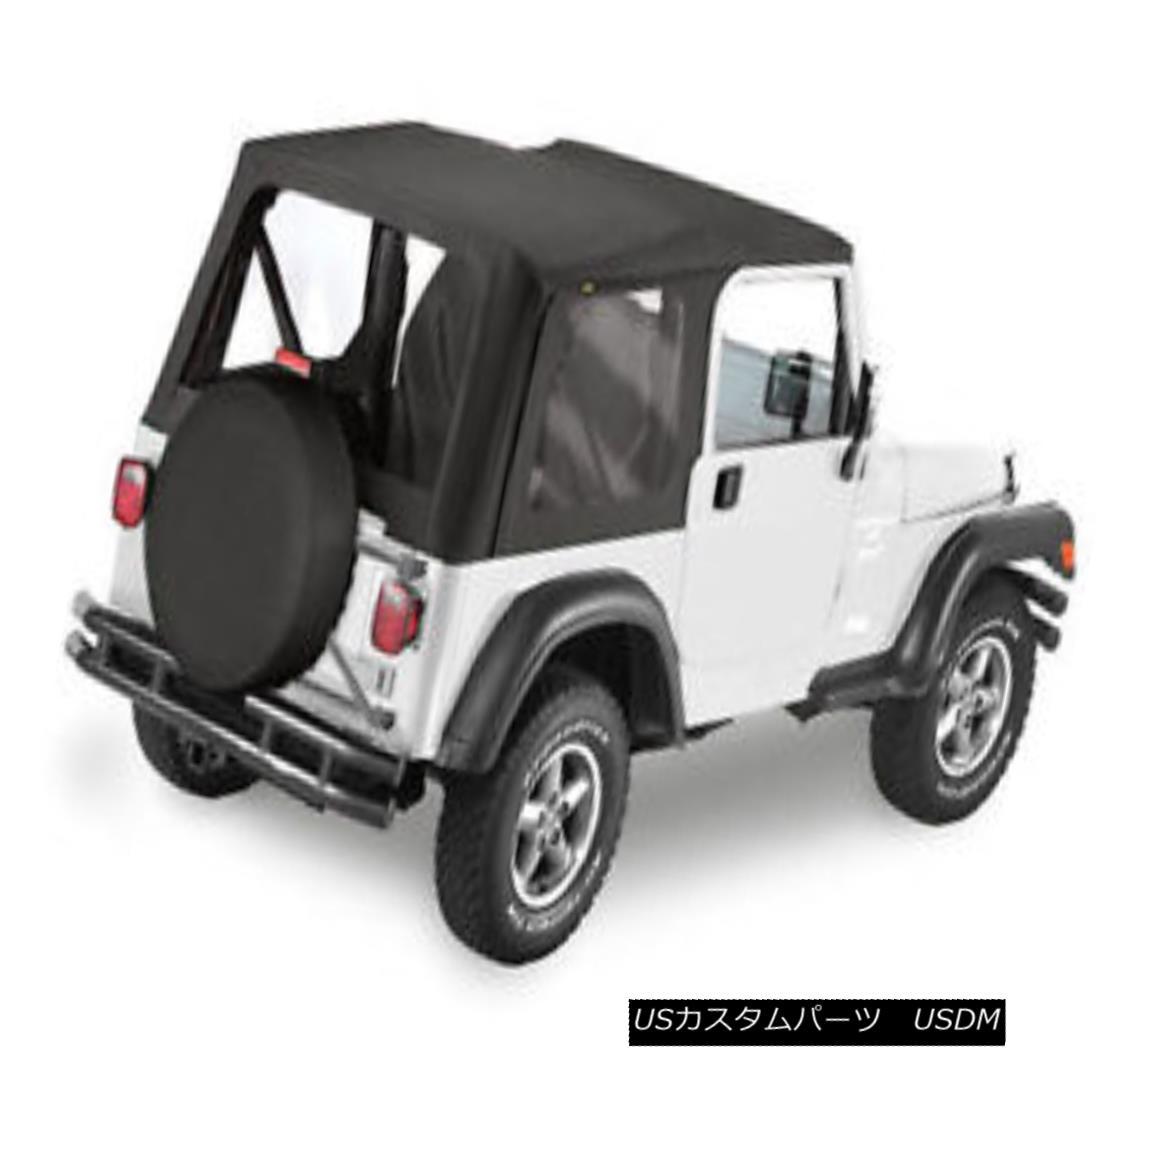 幌・ソフトトップ Bestop Replace A Top 03-06 Jeep Wrangler TJ Clear Windows Black Diamond Bestop交換トップ03-06ジープラングラーTJクリアウィンドウブラックダイヤモンド